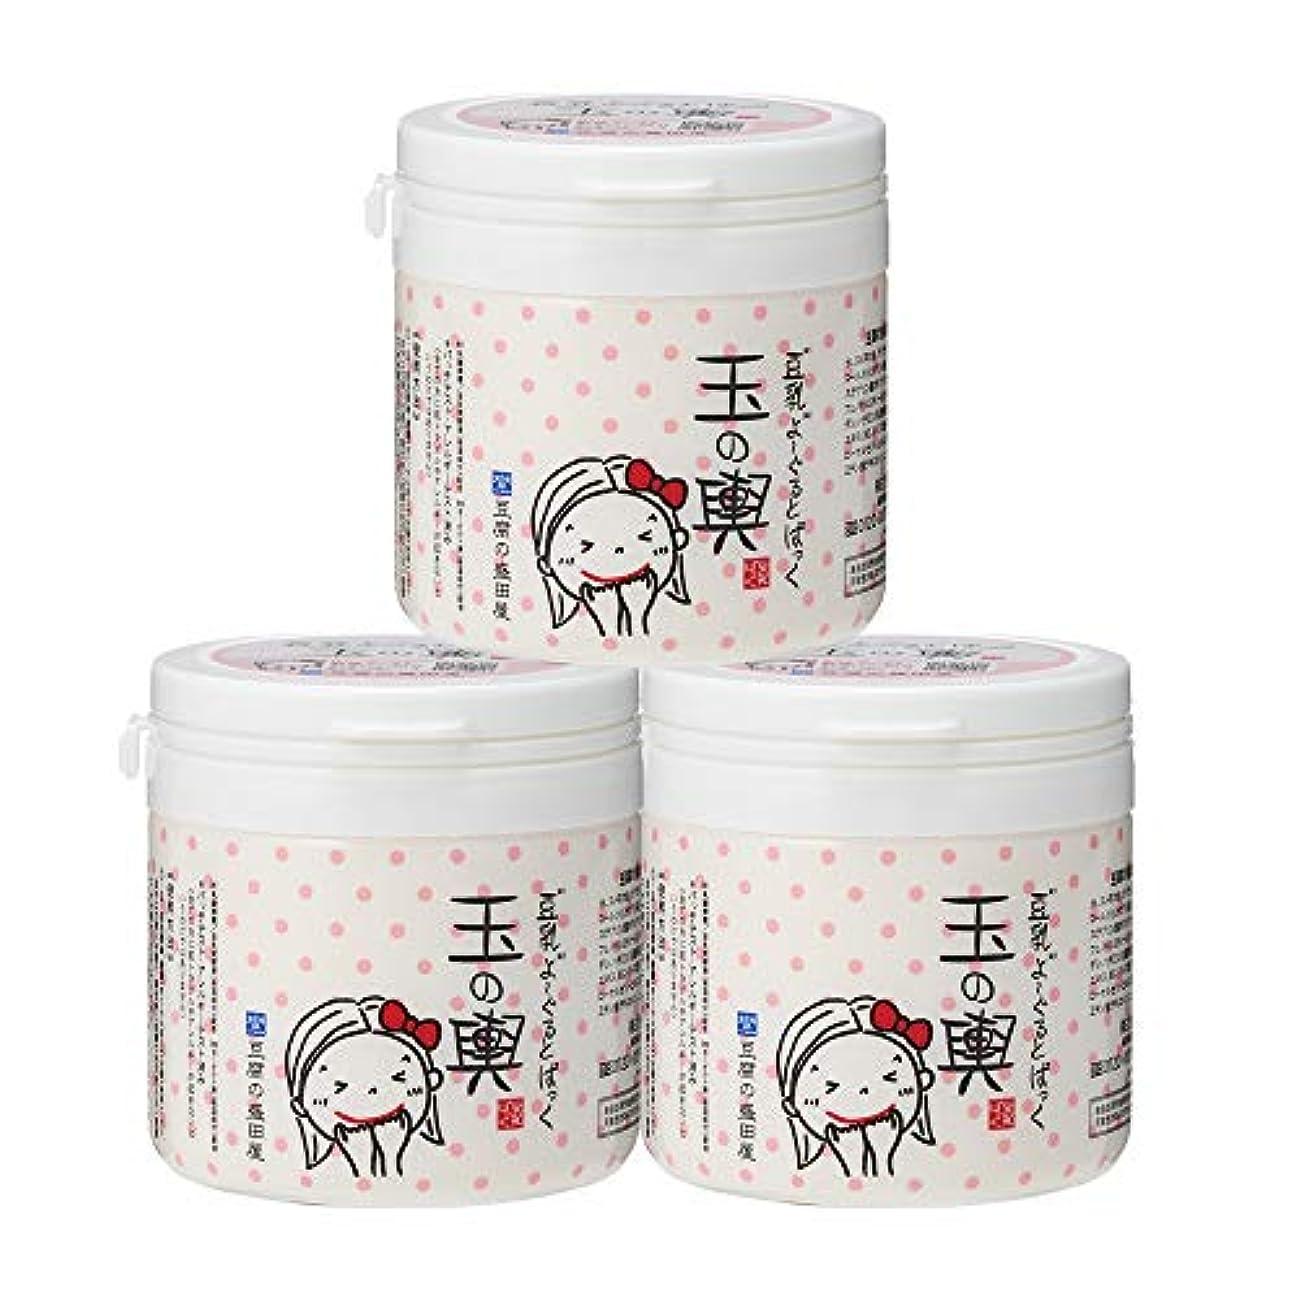 伝染性のパンツ冷酷な豆腐の盛田屋 豆乳よーぐるとぱっく 玉の輿 150g×3個セット